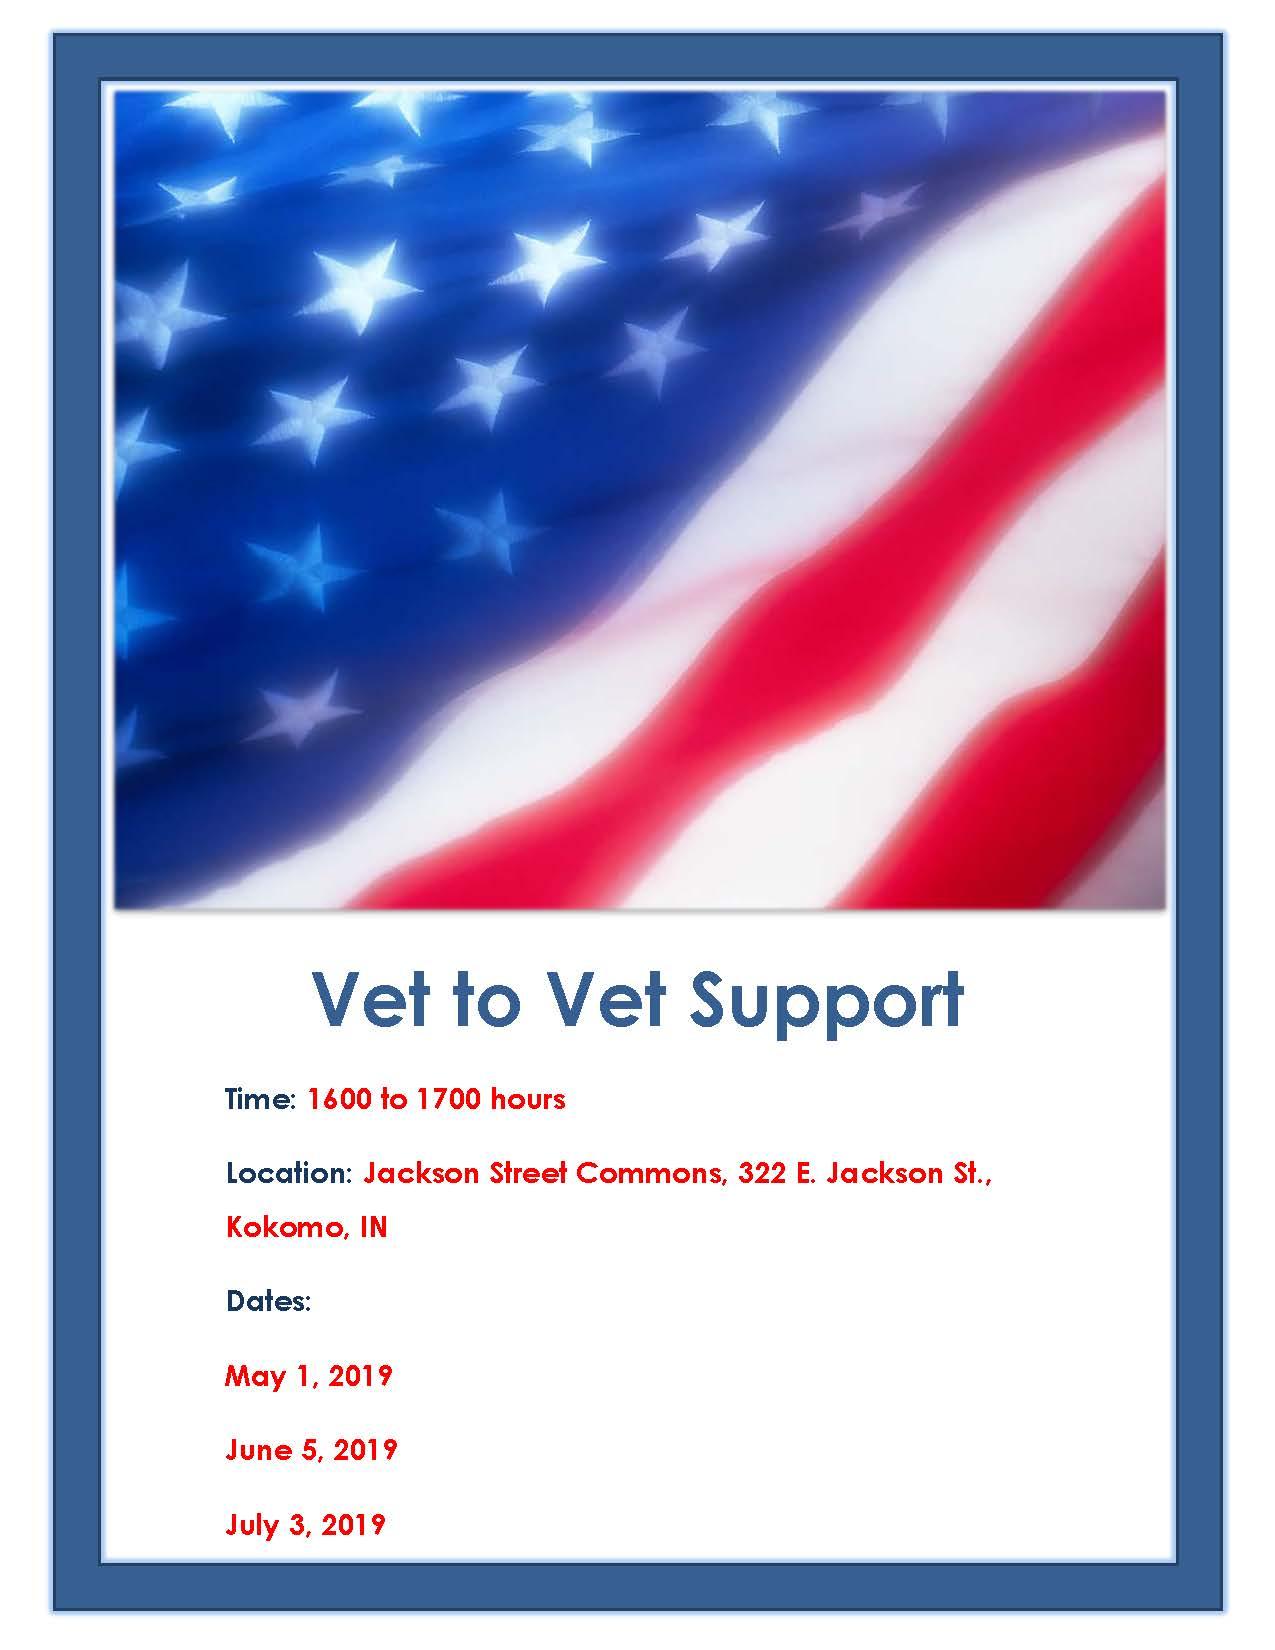 Vet to Vet Support